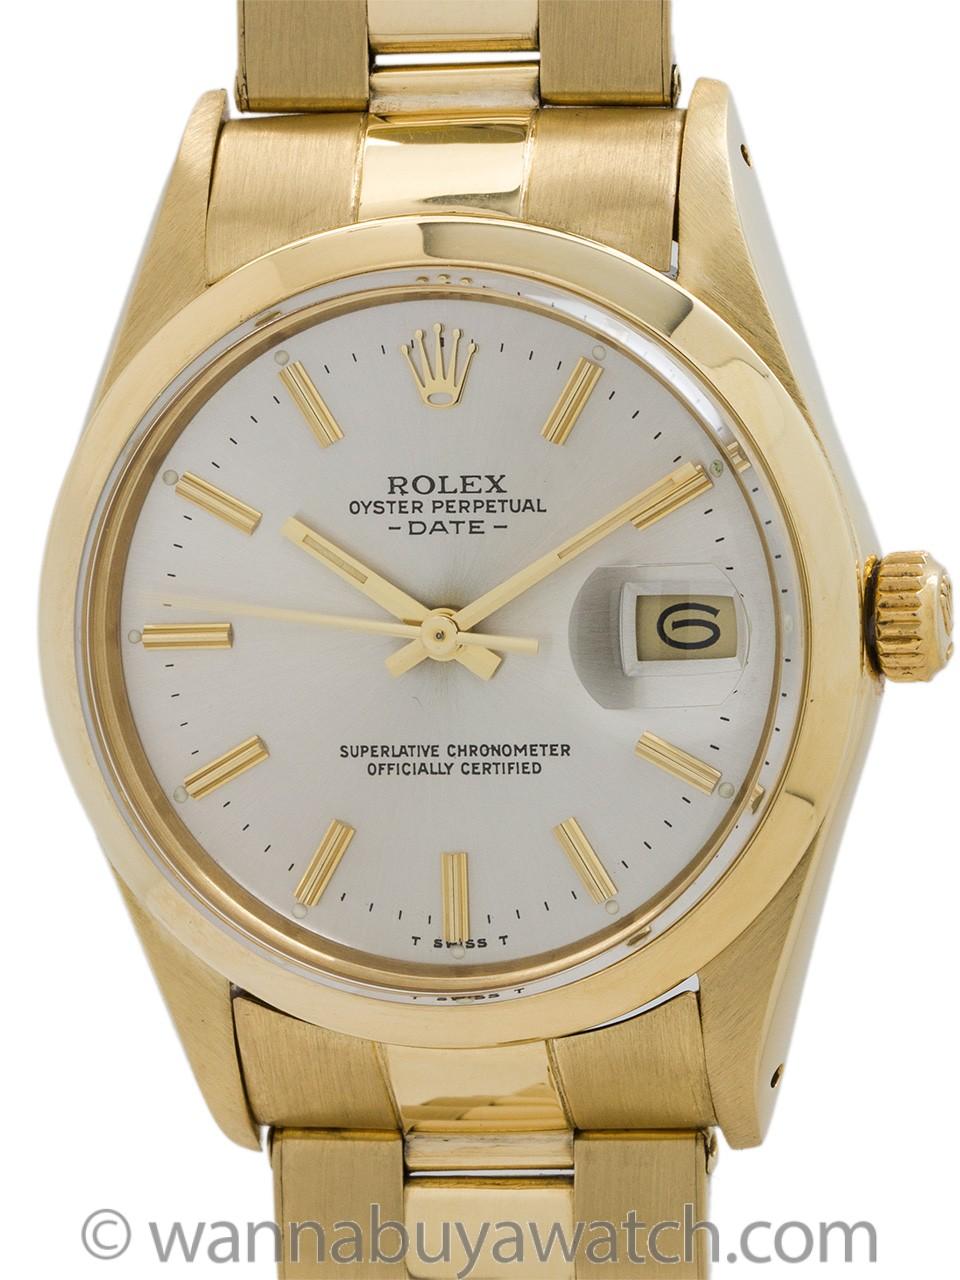 Rolex Oyster Perpetual Date ref 15037 circa 1980